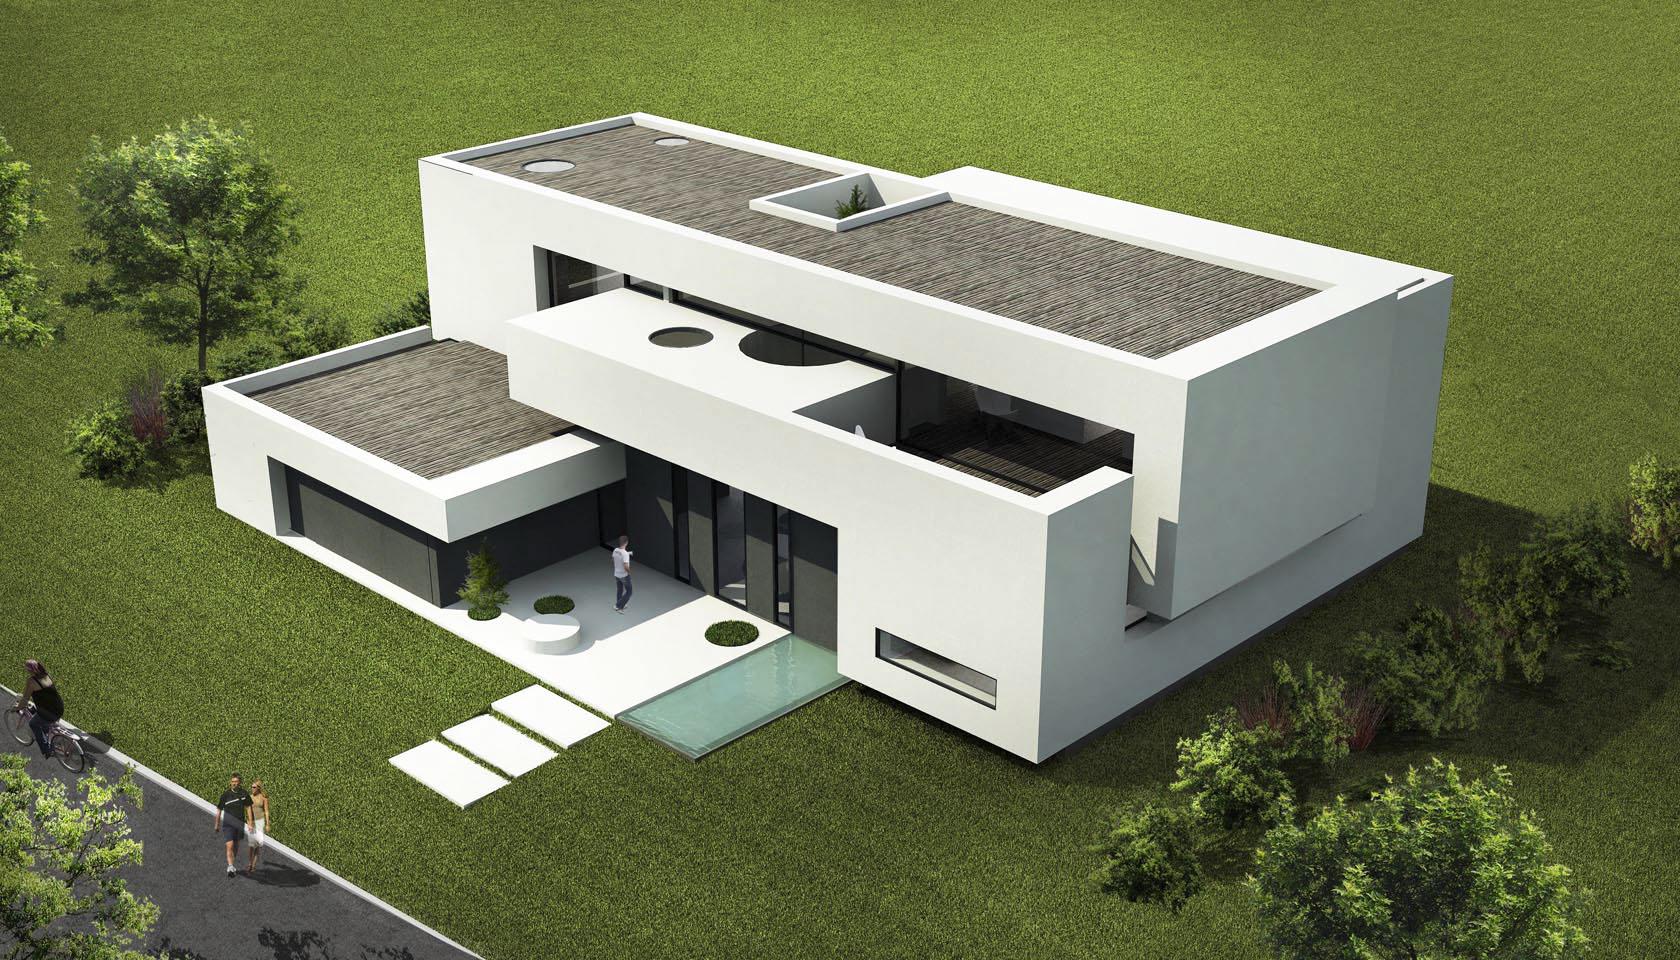 casas modernas, casas blancas, composición de volúmenes arquitectónicos